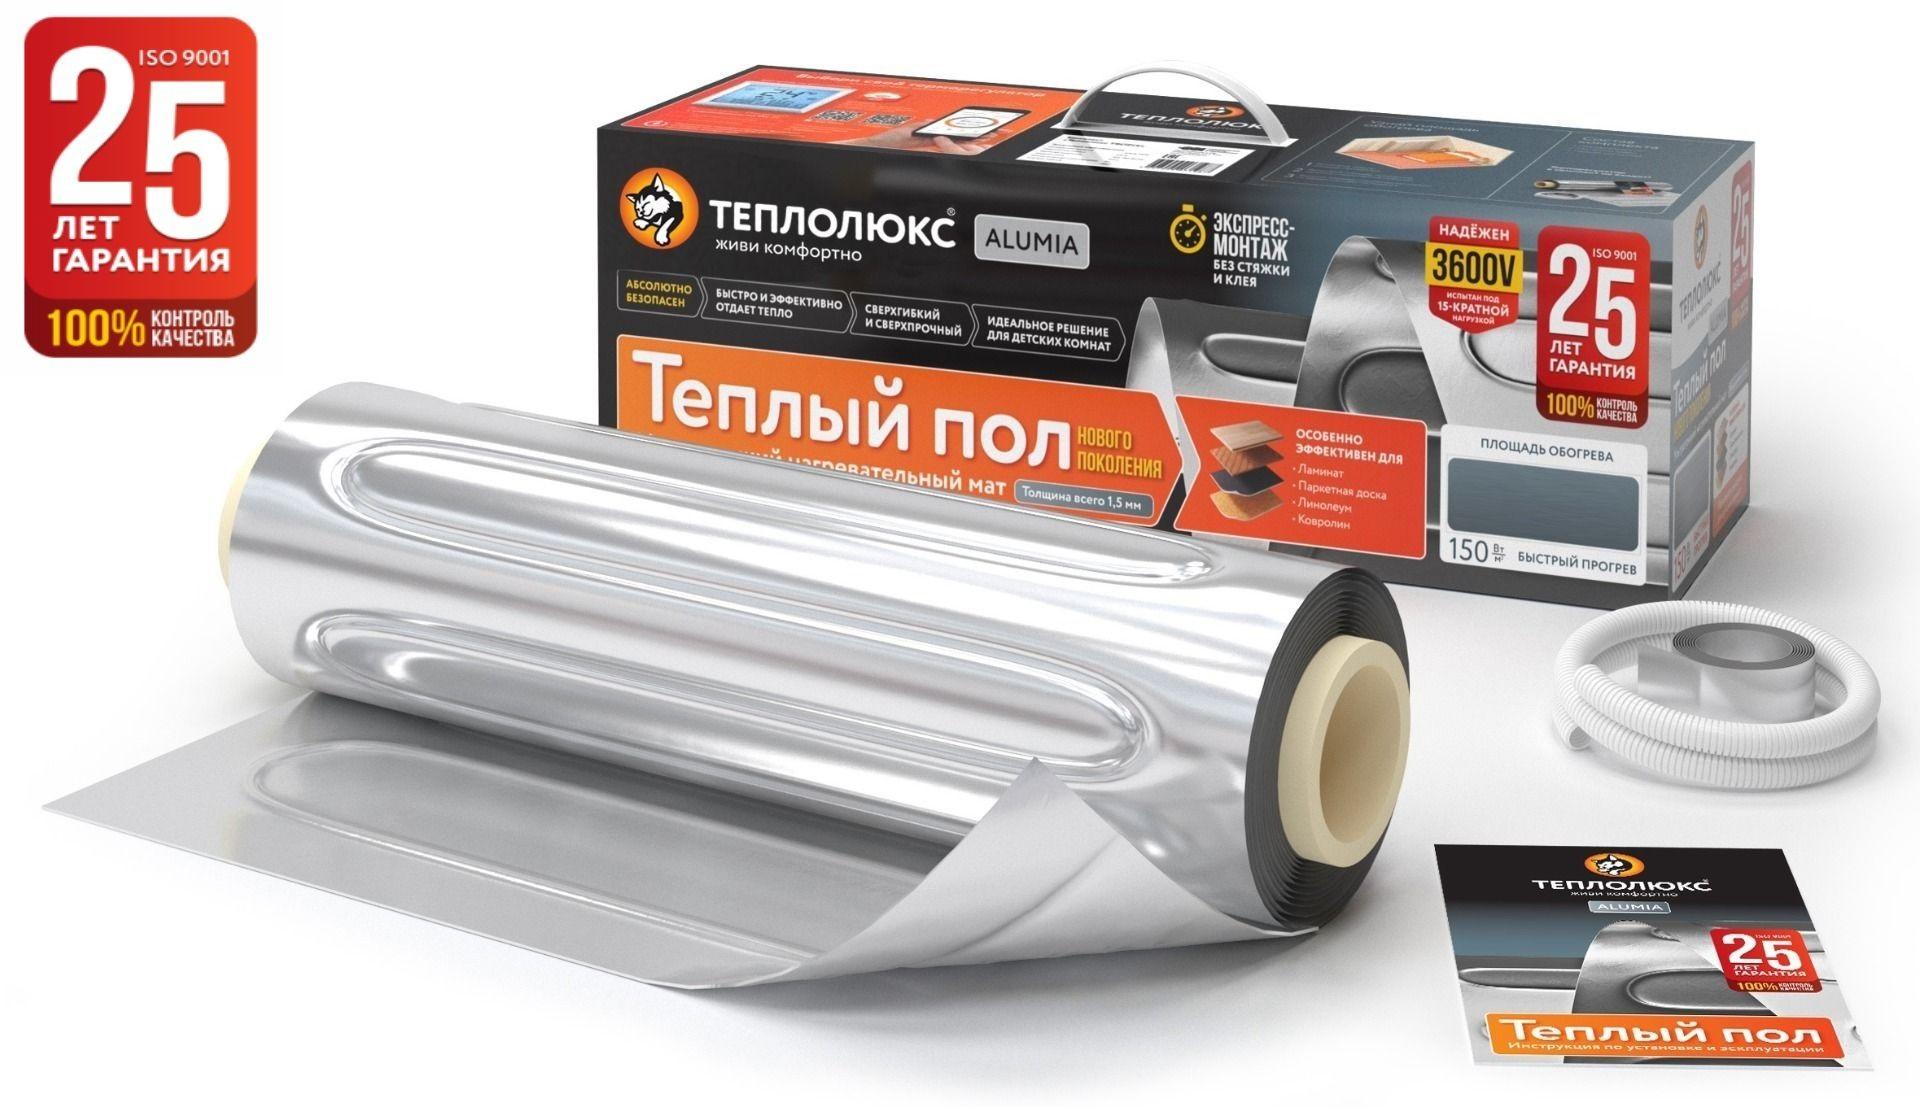 Нагревательный мат Теплолюкс Alumia 600 Вт/4,0 кв.м 2206810